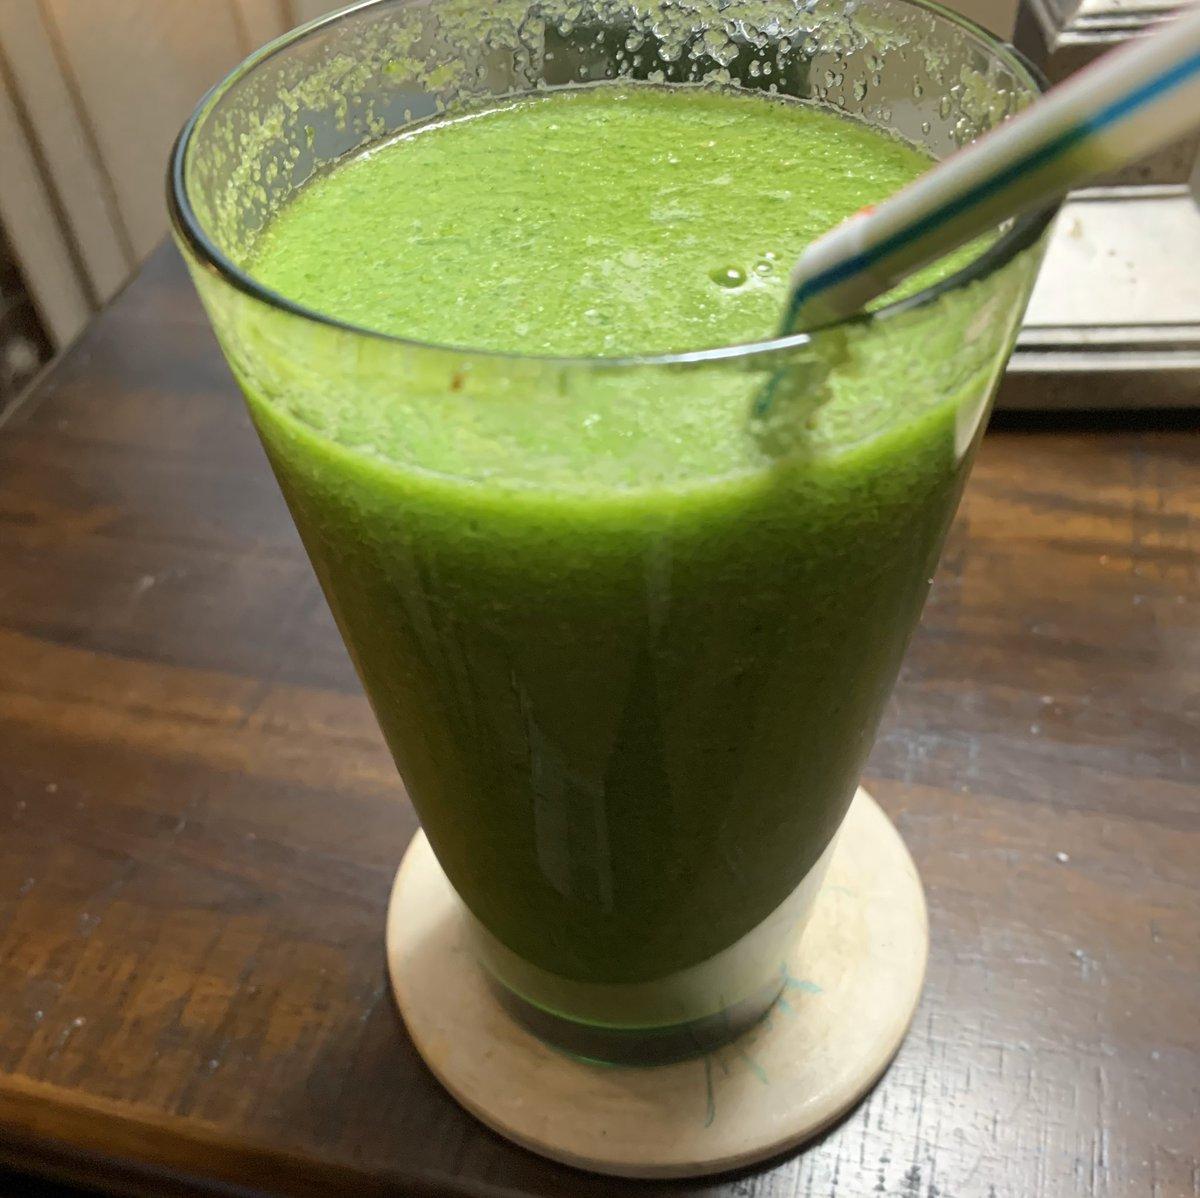 My 1st Veggie Flush smoothie. Not bad! #HealthyLiving <br>http://pic.twitter.com/BaaW1AV5J0